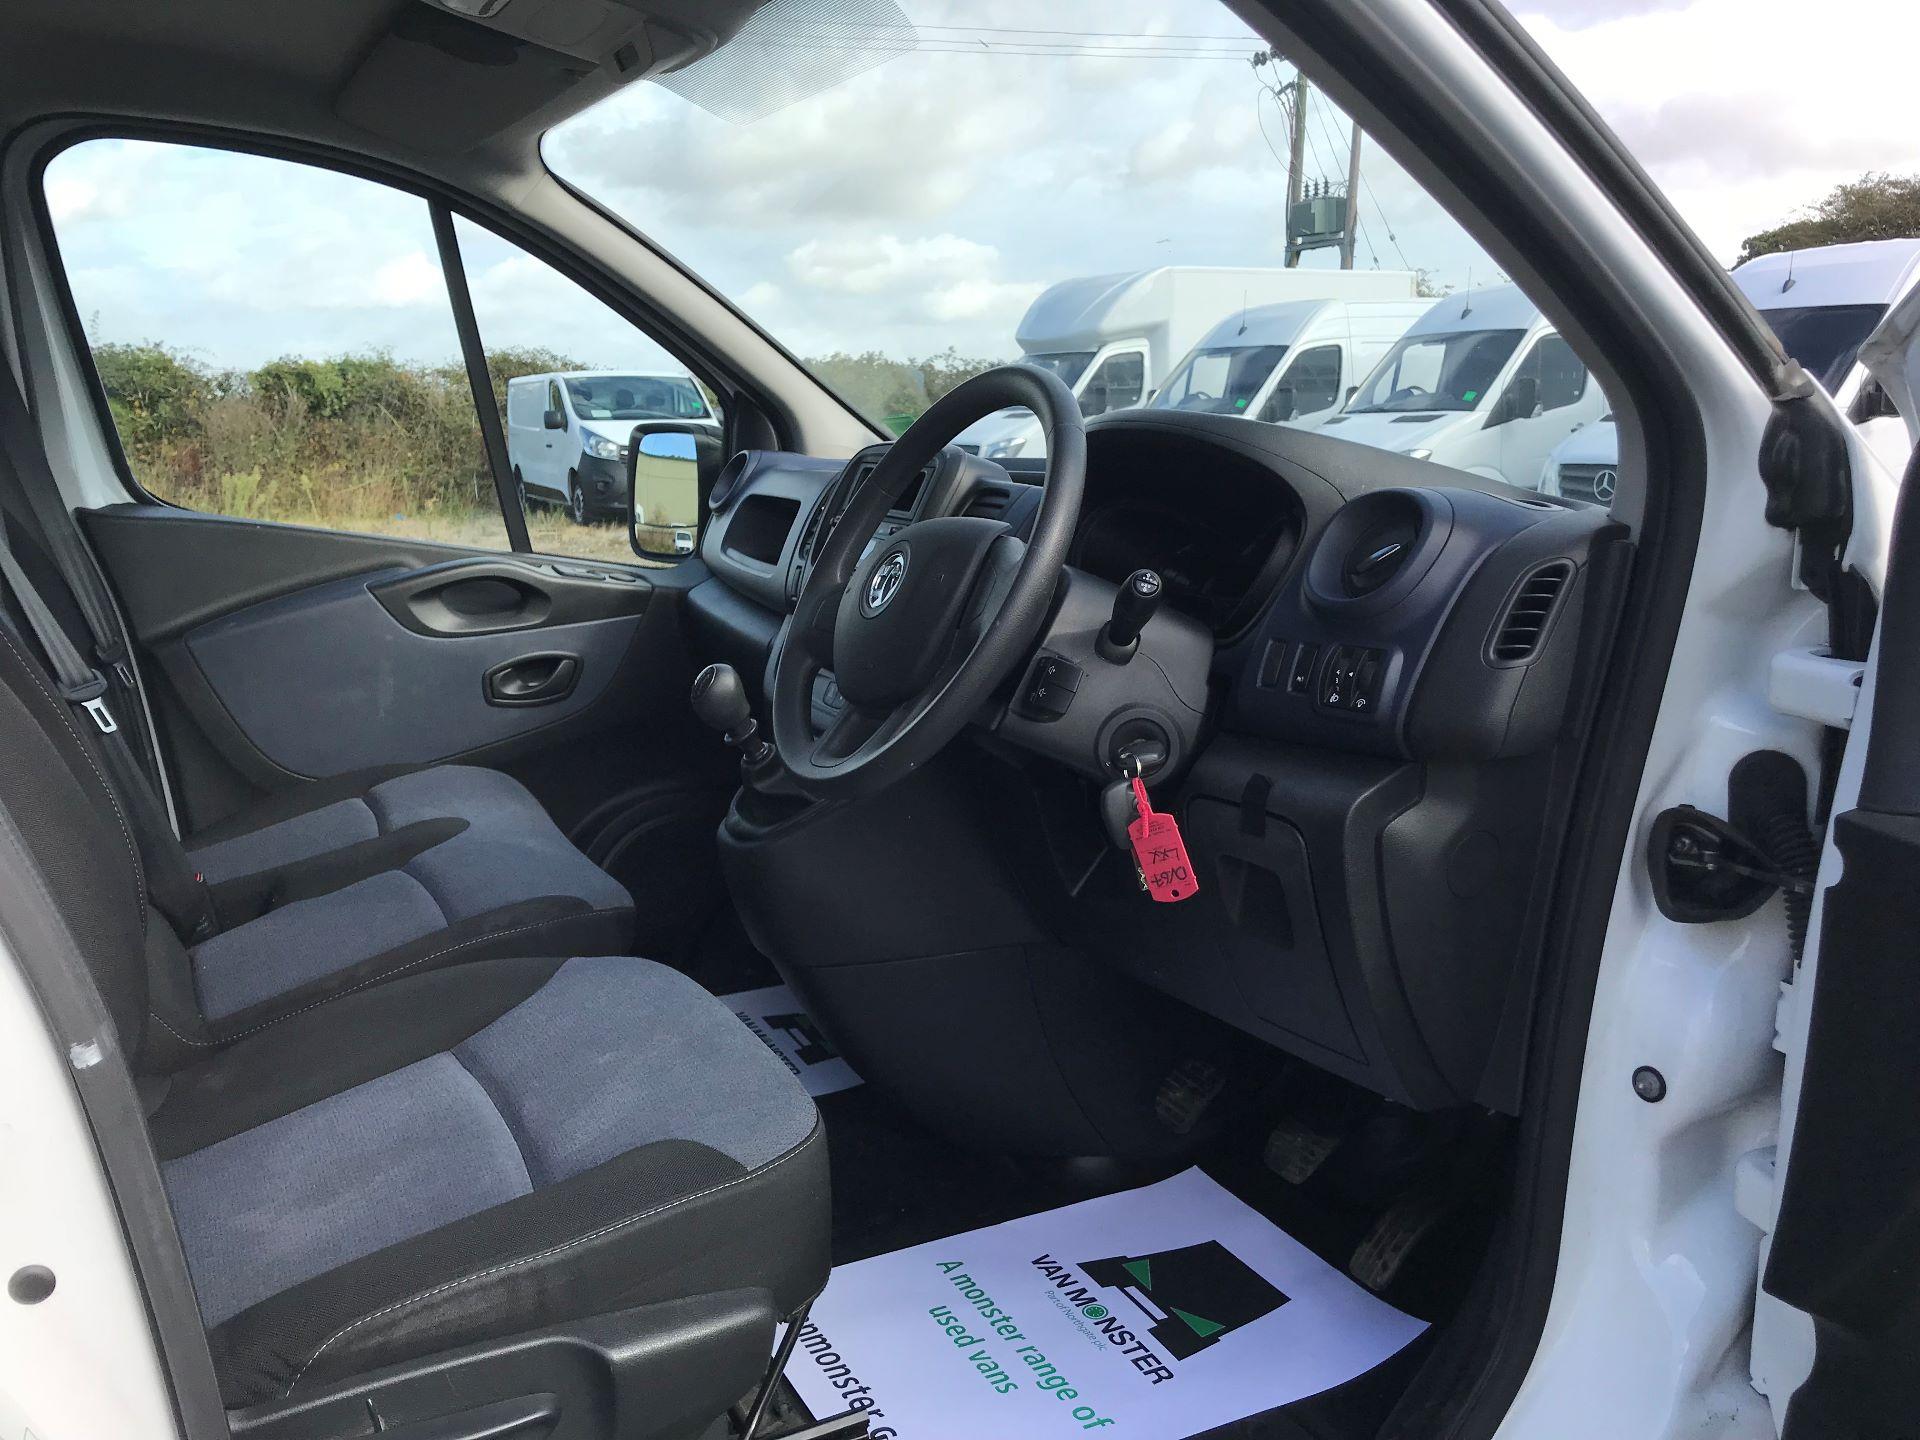 2017 Vauxhall Vivaro L2 H1 2900 1.6CDTI 120PS EURO 6 (DV67LXX) Image 15